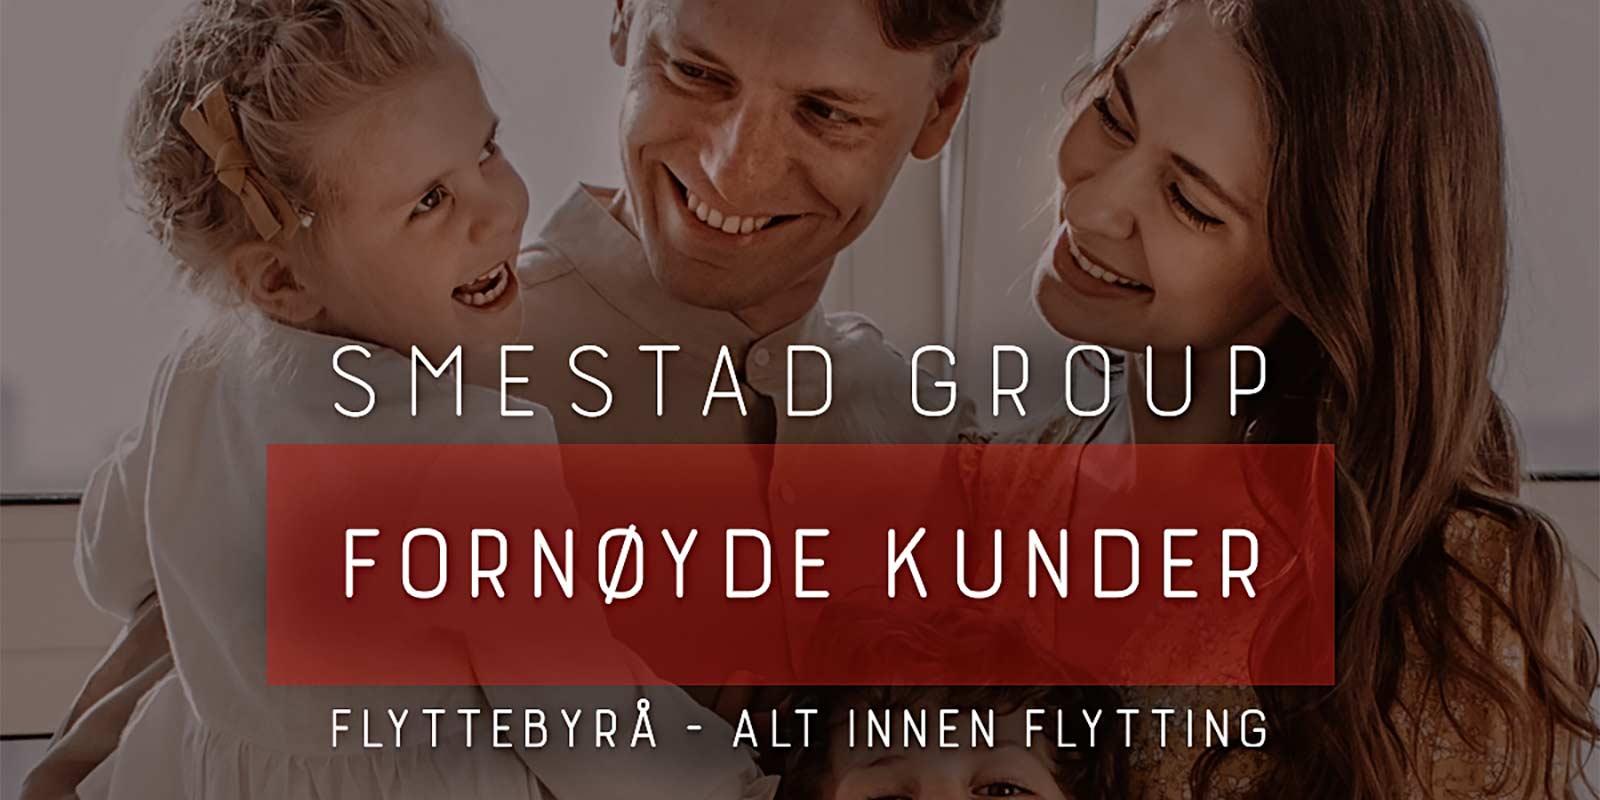 Smestad Group. Fornøyde kunder